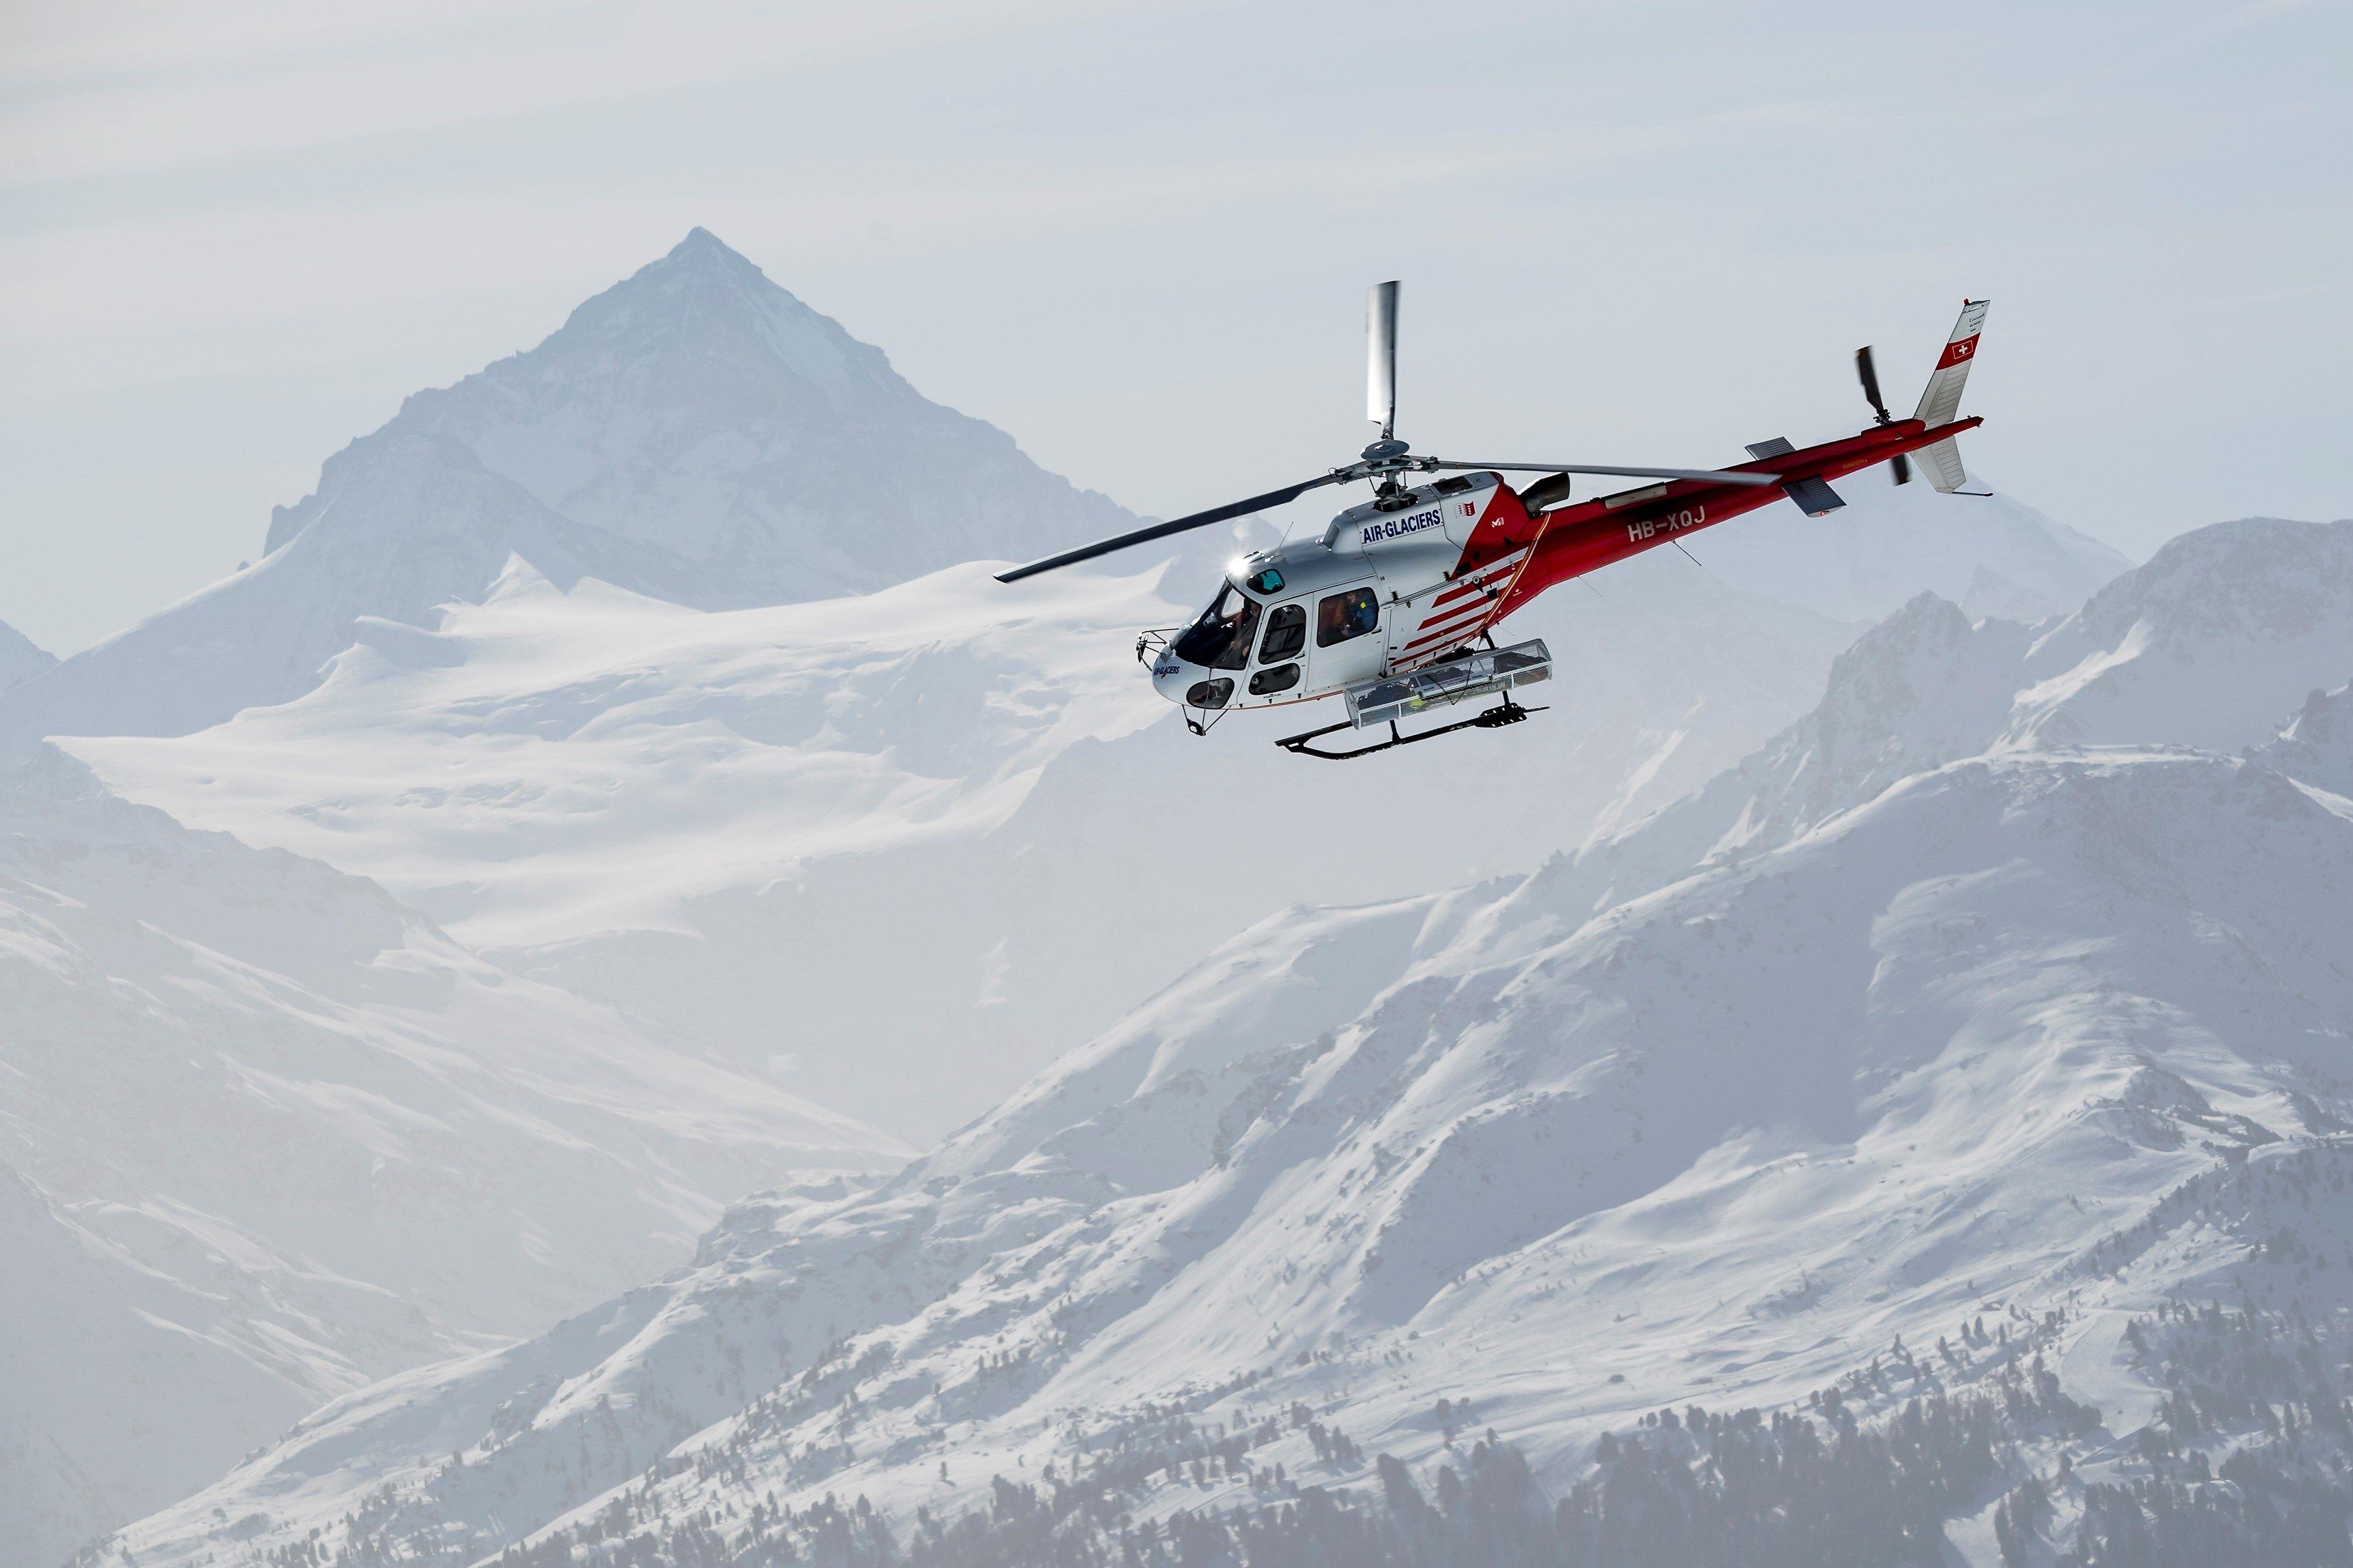 Foto: Un helicóptero sobrevuela el lugar donde se produjo una avalancha en la estación de esquí en Suiza, 20 febrero 2019